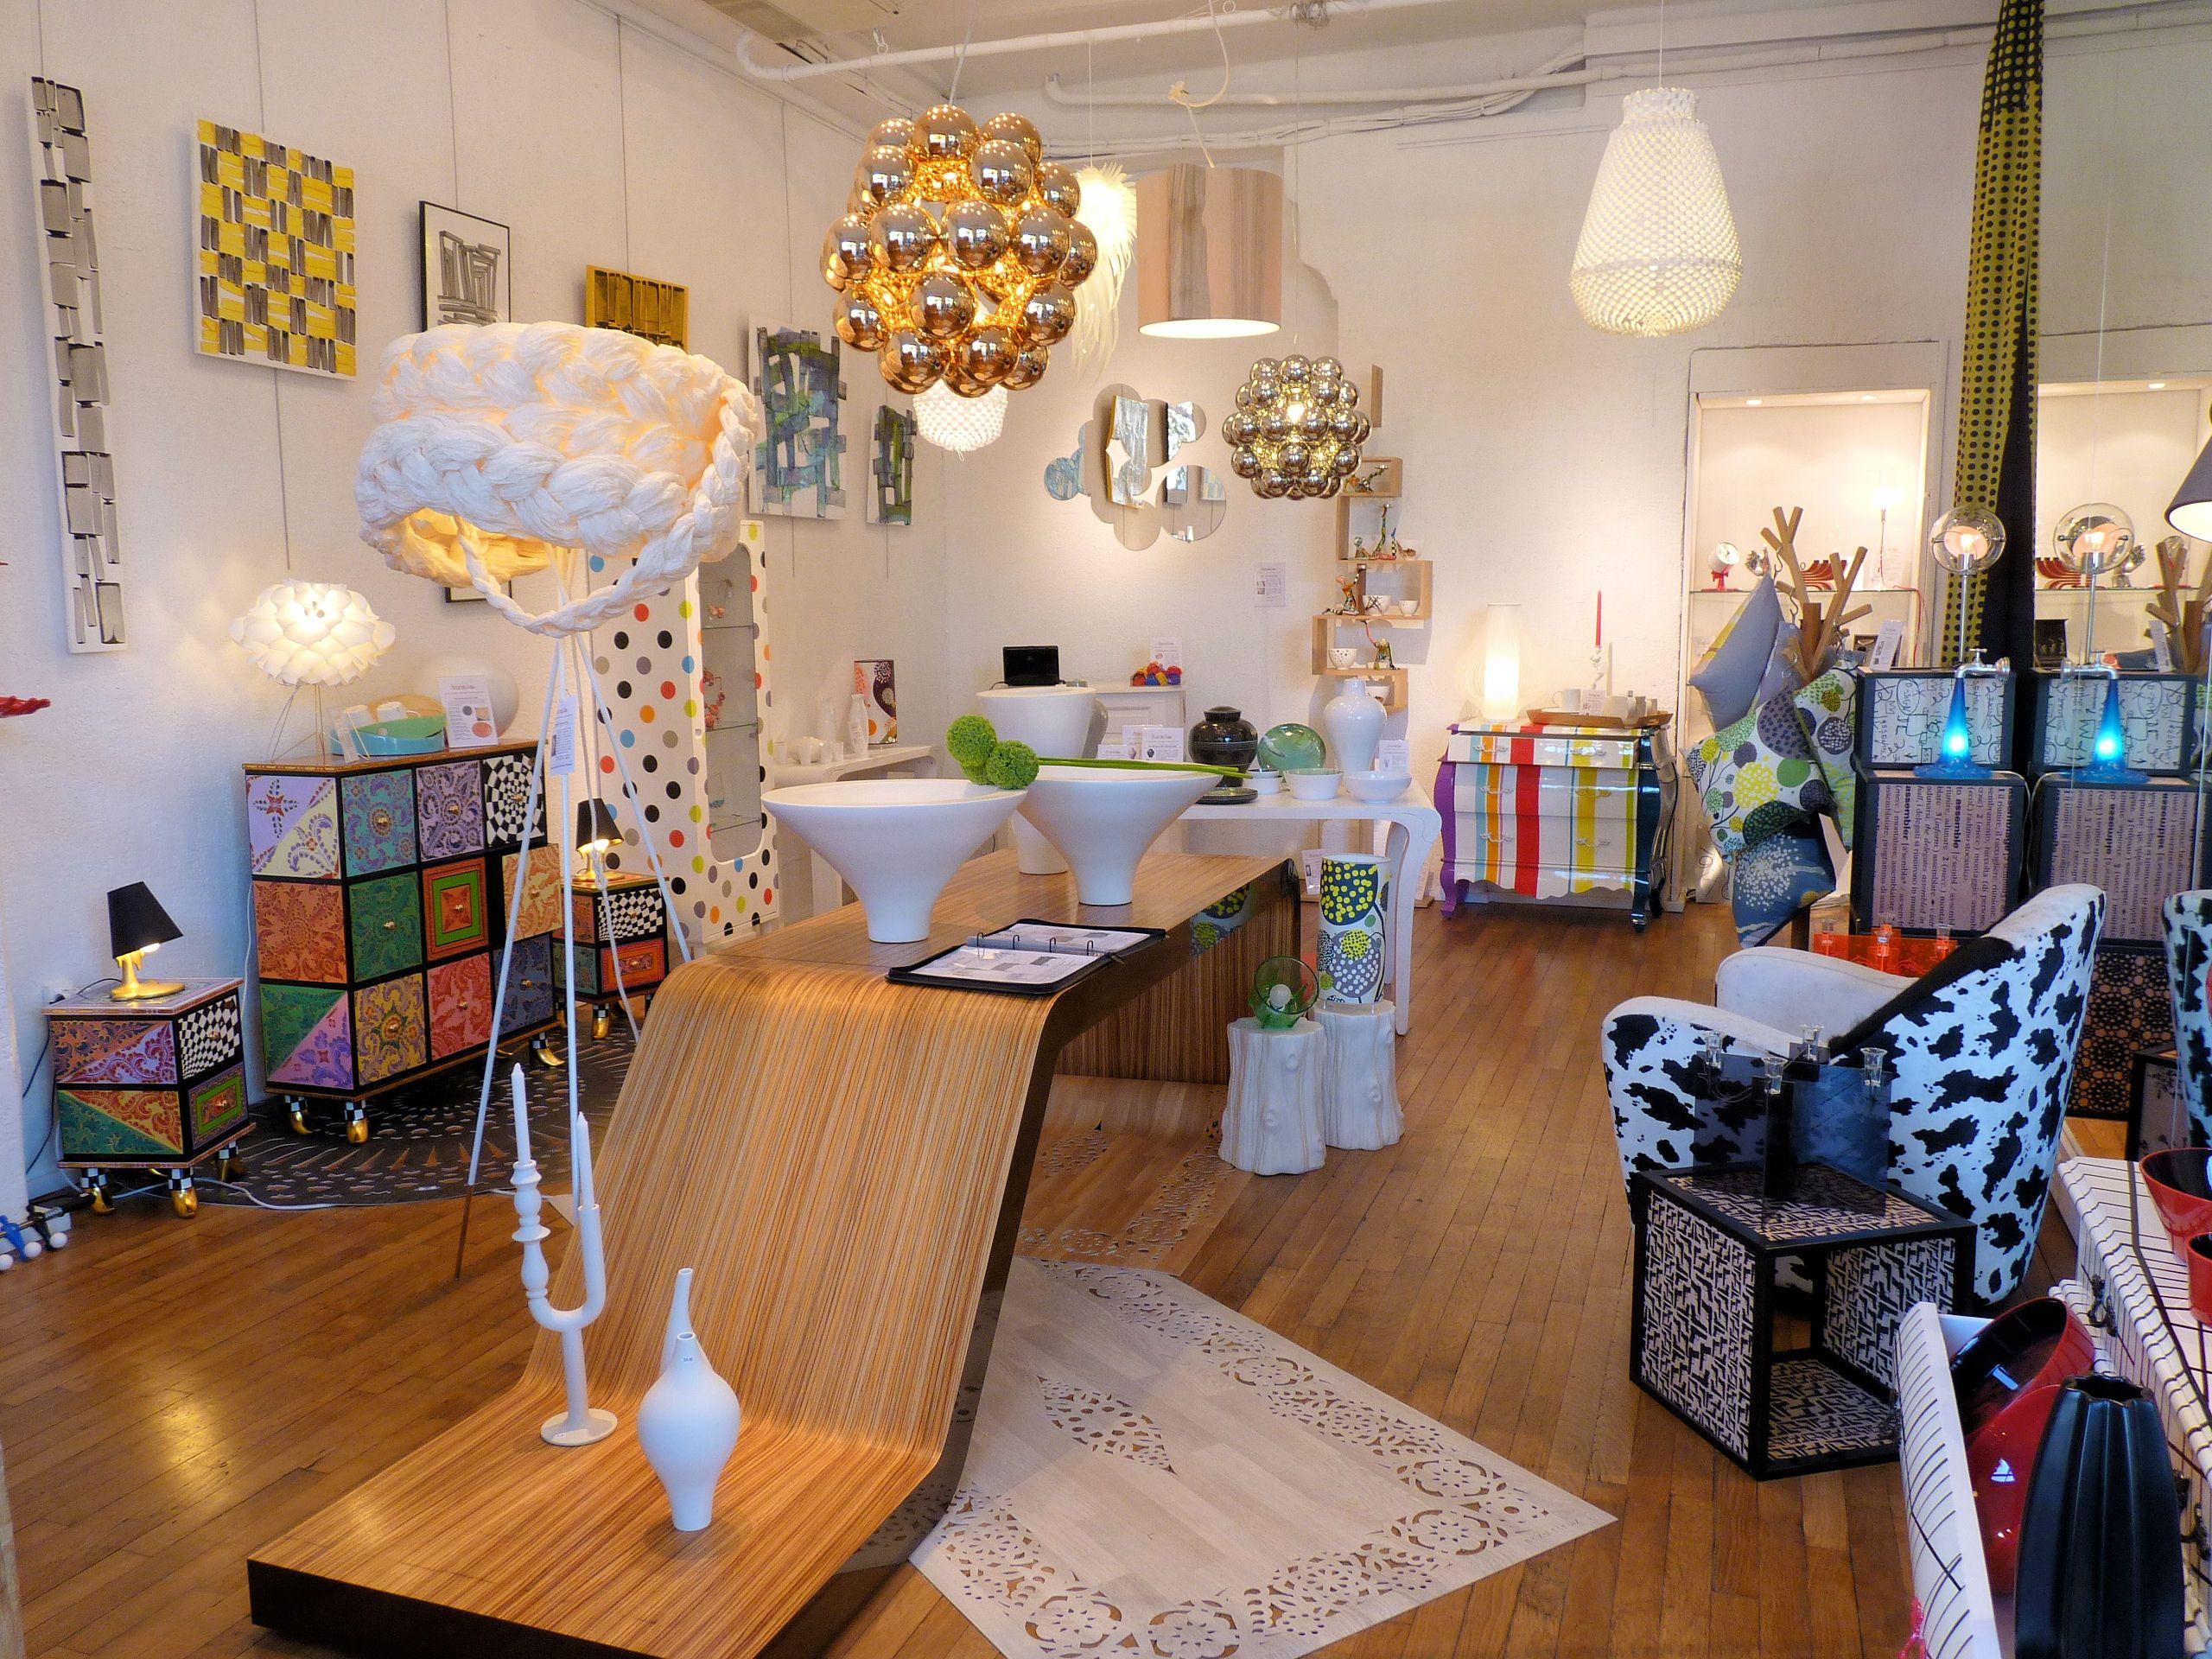 Chromatiko magasin de décoration design 49 avenue de la libération 84800 lisle sur la sorgue www chromatiko fr